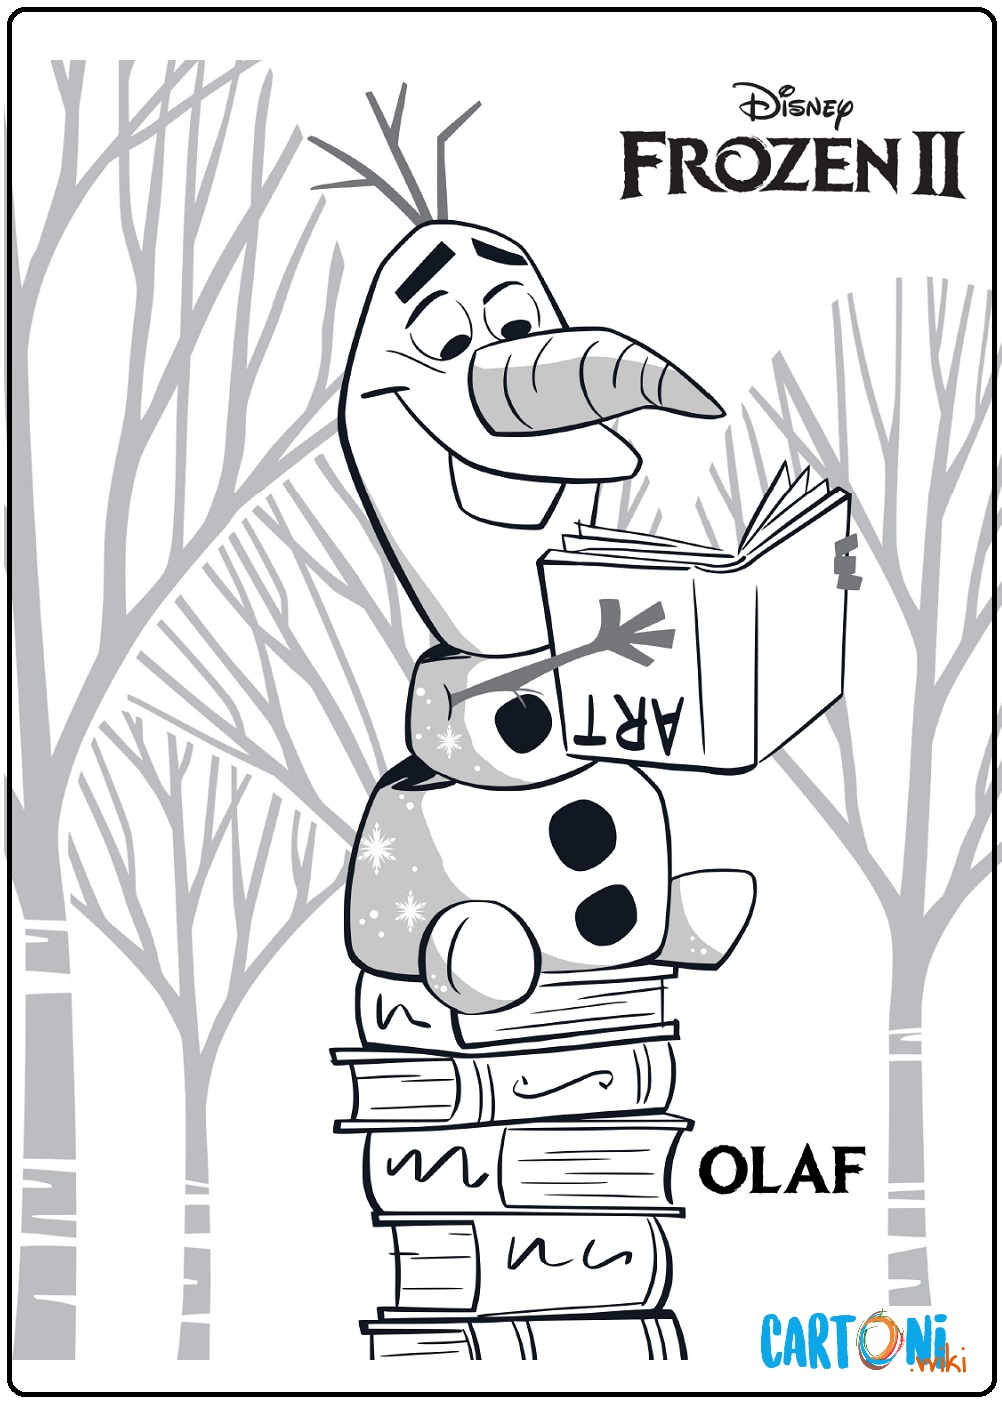 Olaf Frozen 2 disegno da colorare - Cartoni animati